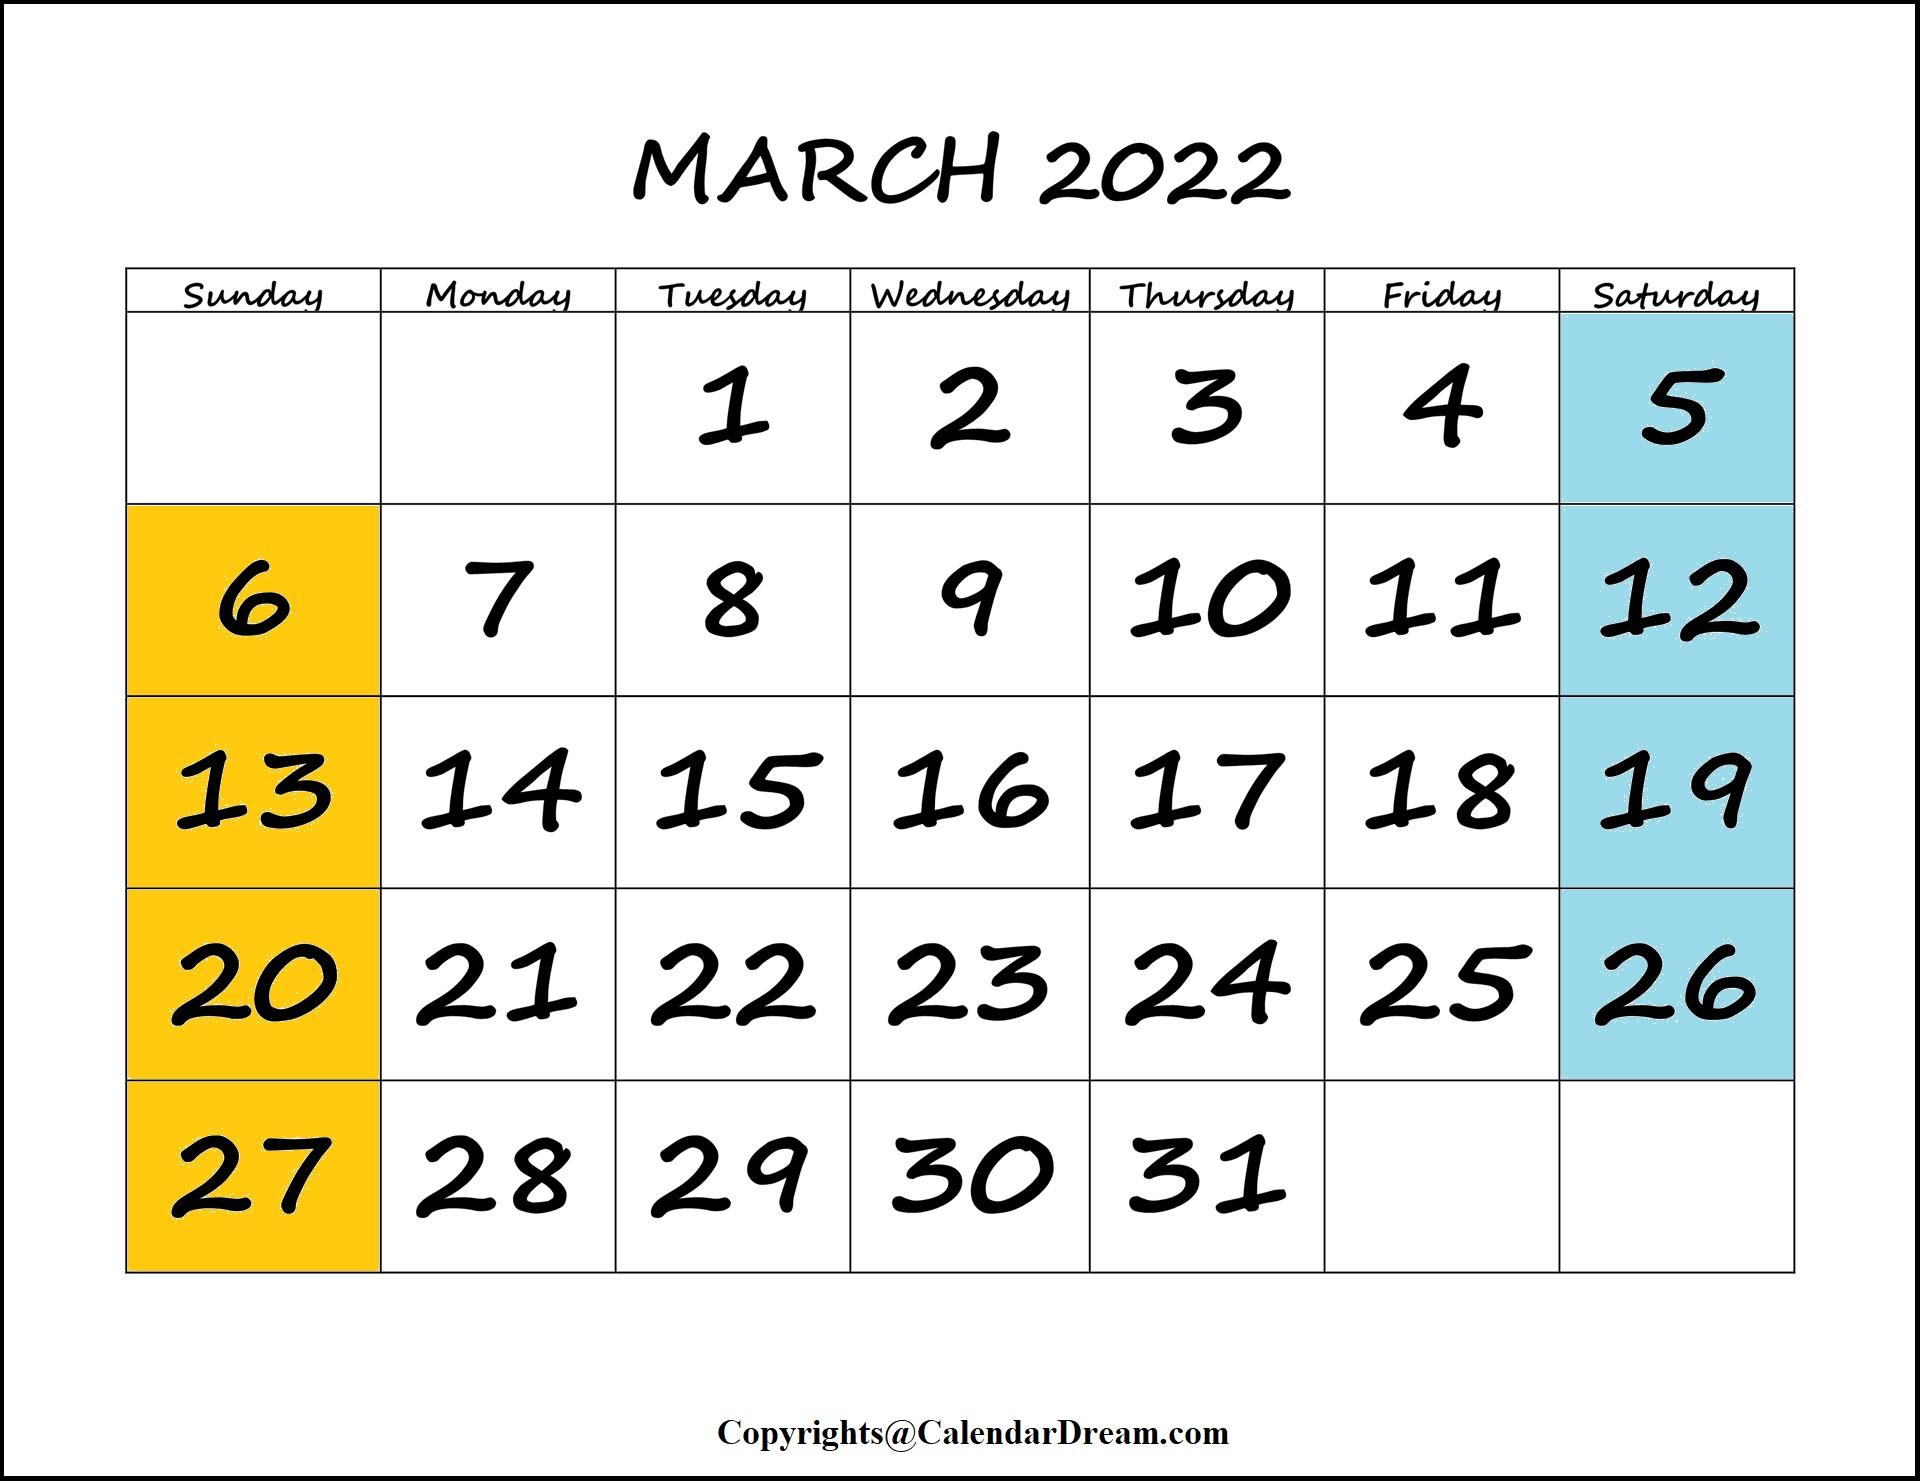 2022 March Calendar